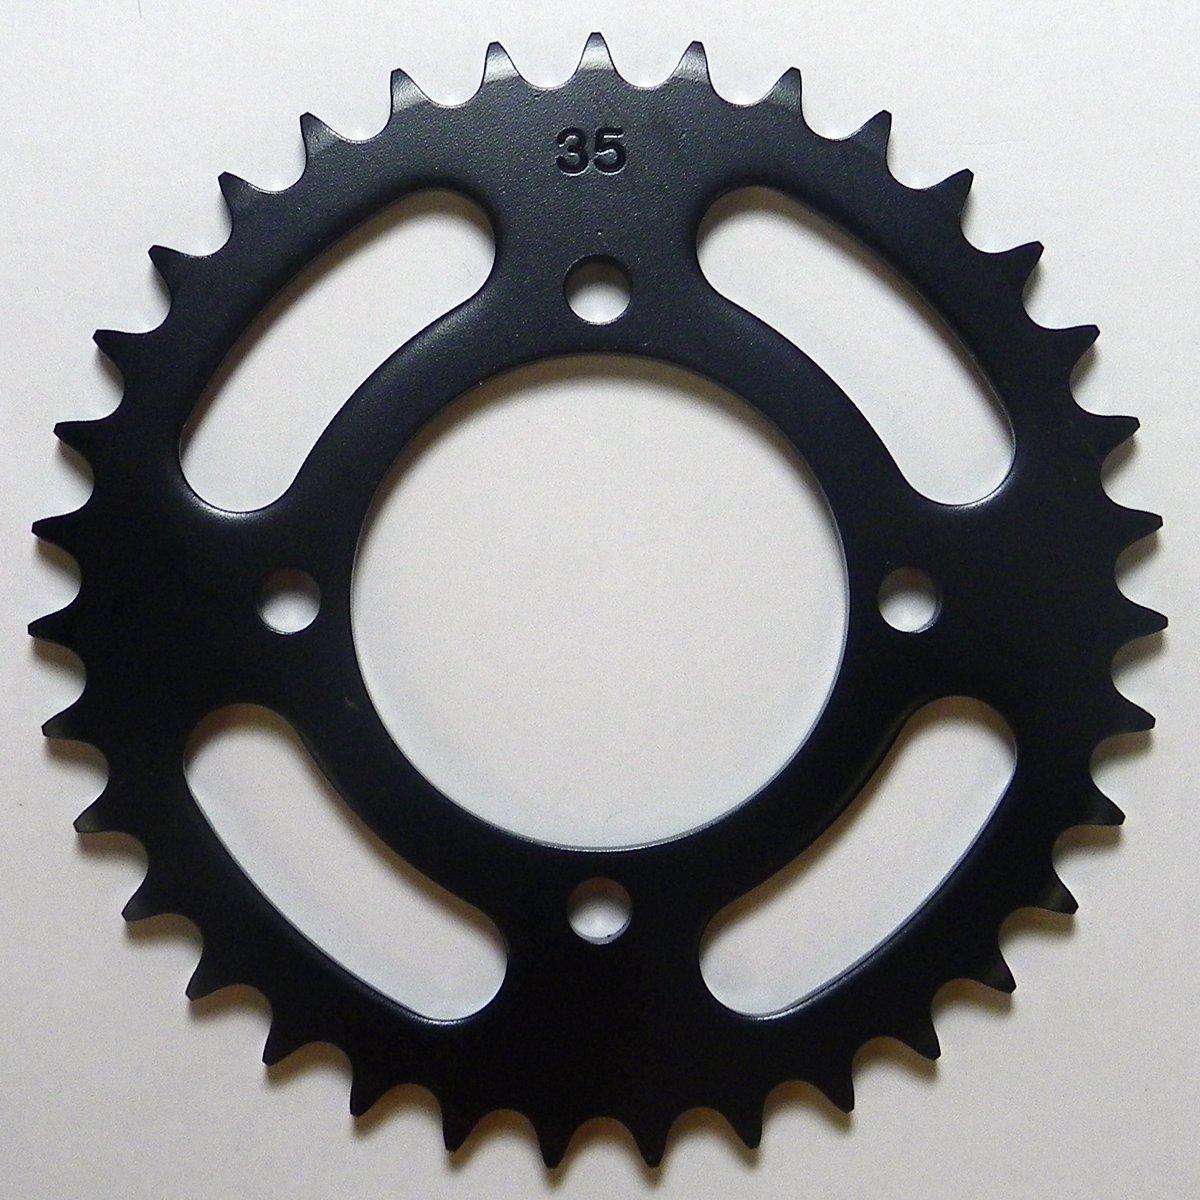 Yamaha Steel Rear Sprocket Moto-X TT-R 90 2001-2007/ DT 100 1977-1983/ RT 100 1990-2000/ TT-R 110 2009-2017 36 Teeth RSY-018-36